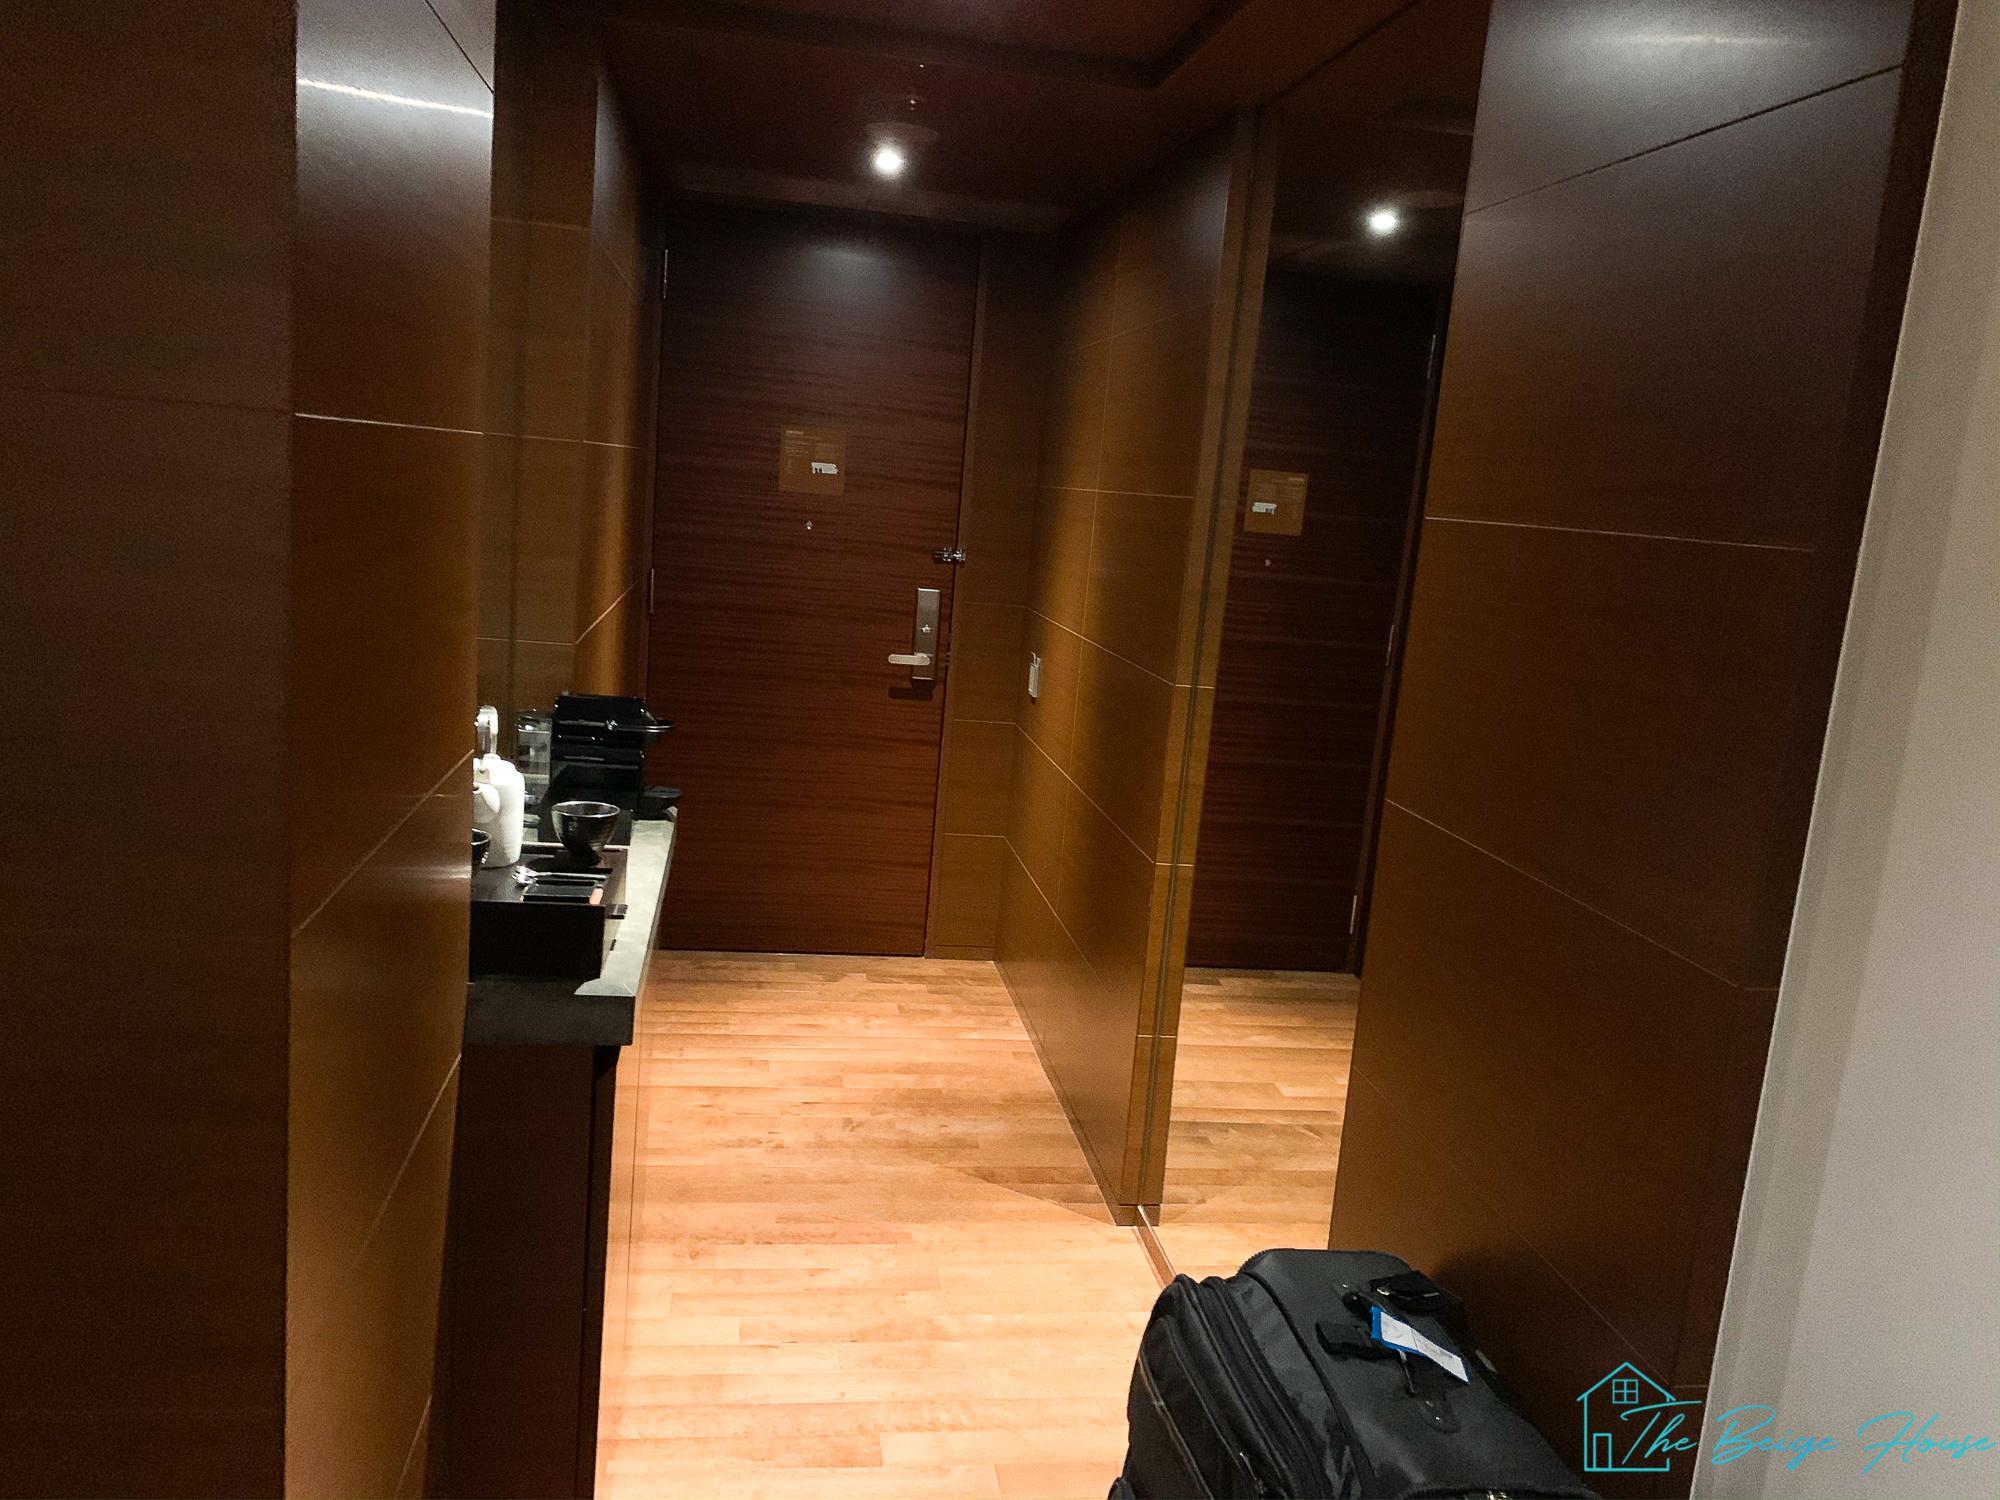 Grand Hyatt Roppongi Tokyo Review